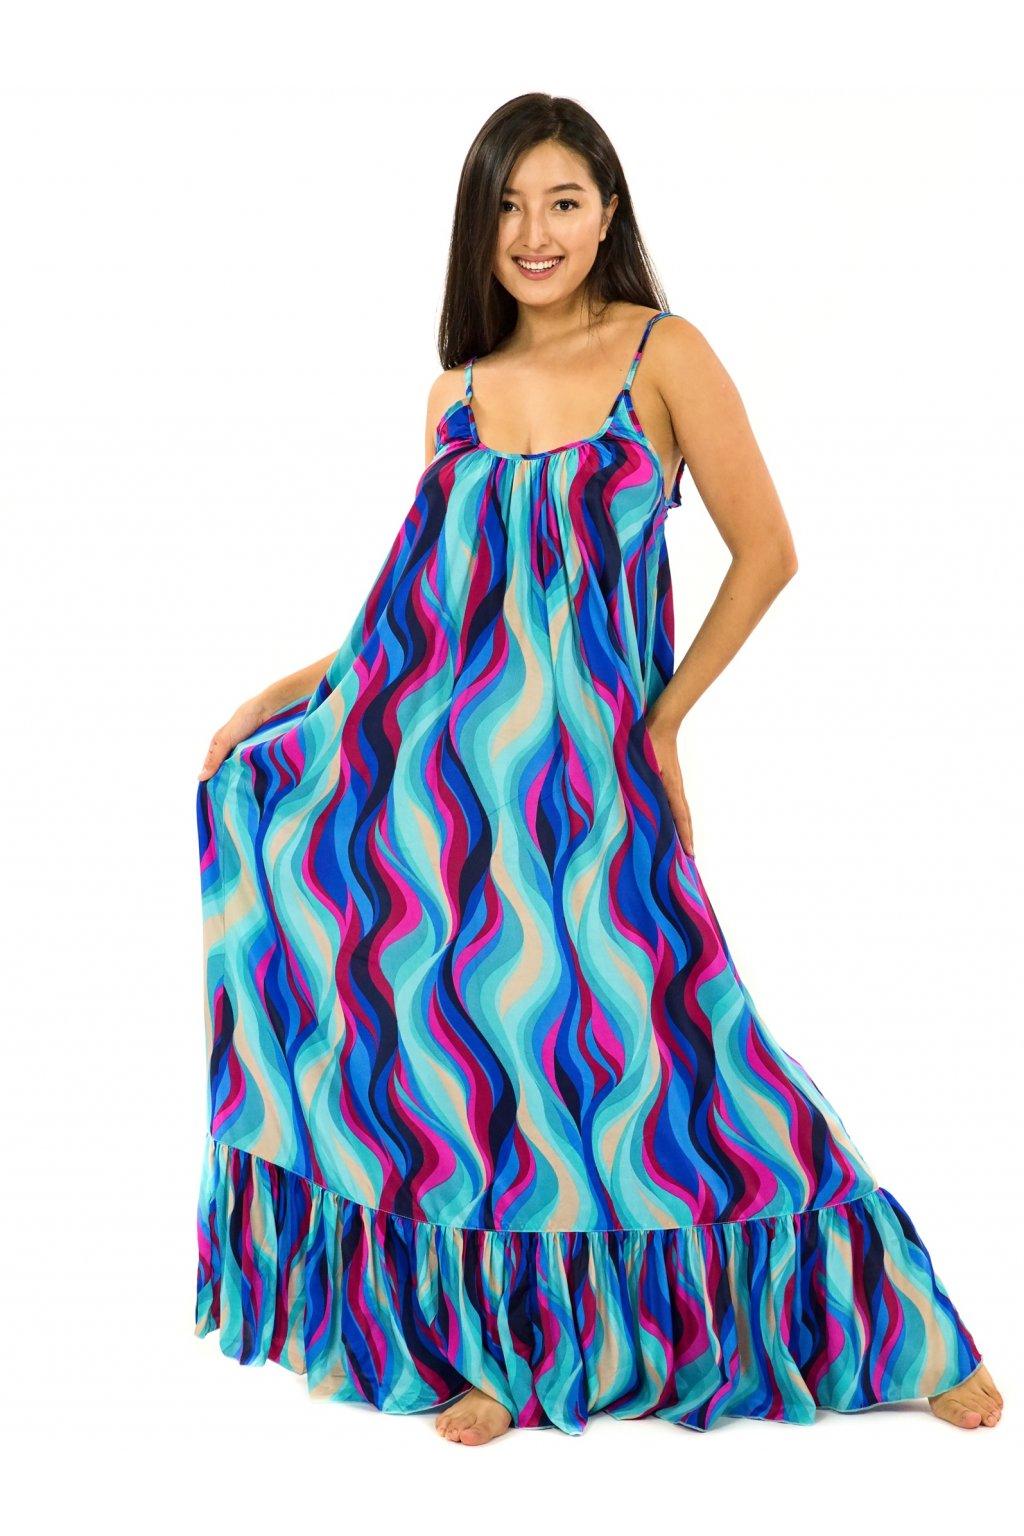 Vzdušné maxi šaty Vlny - tyrkysová s růžovou